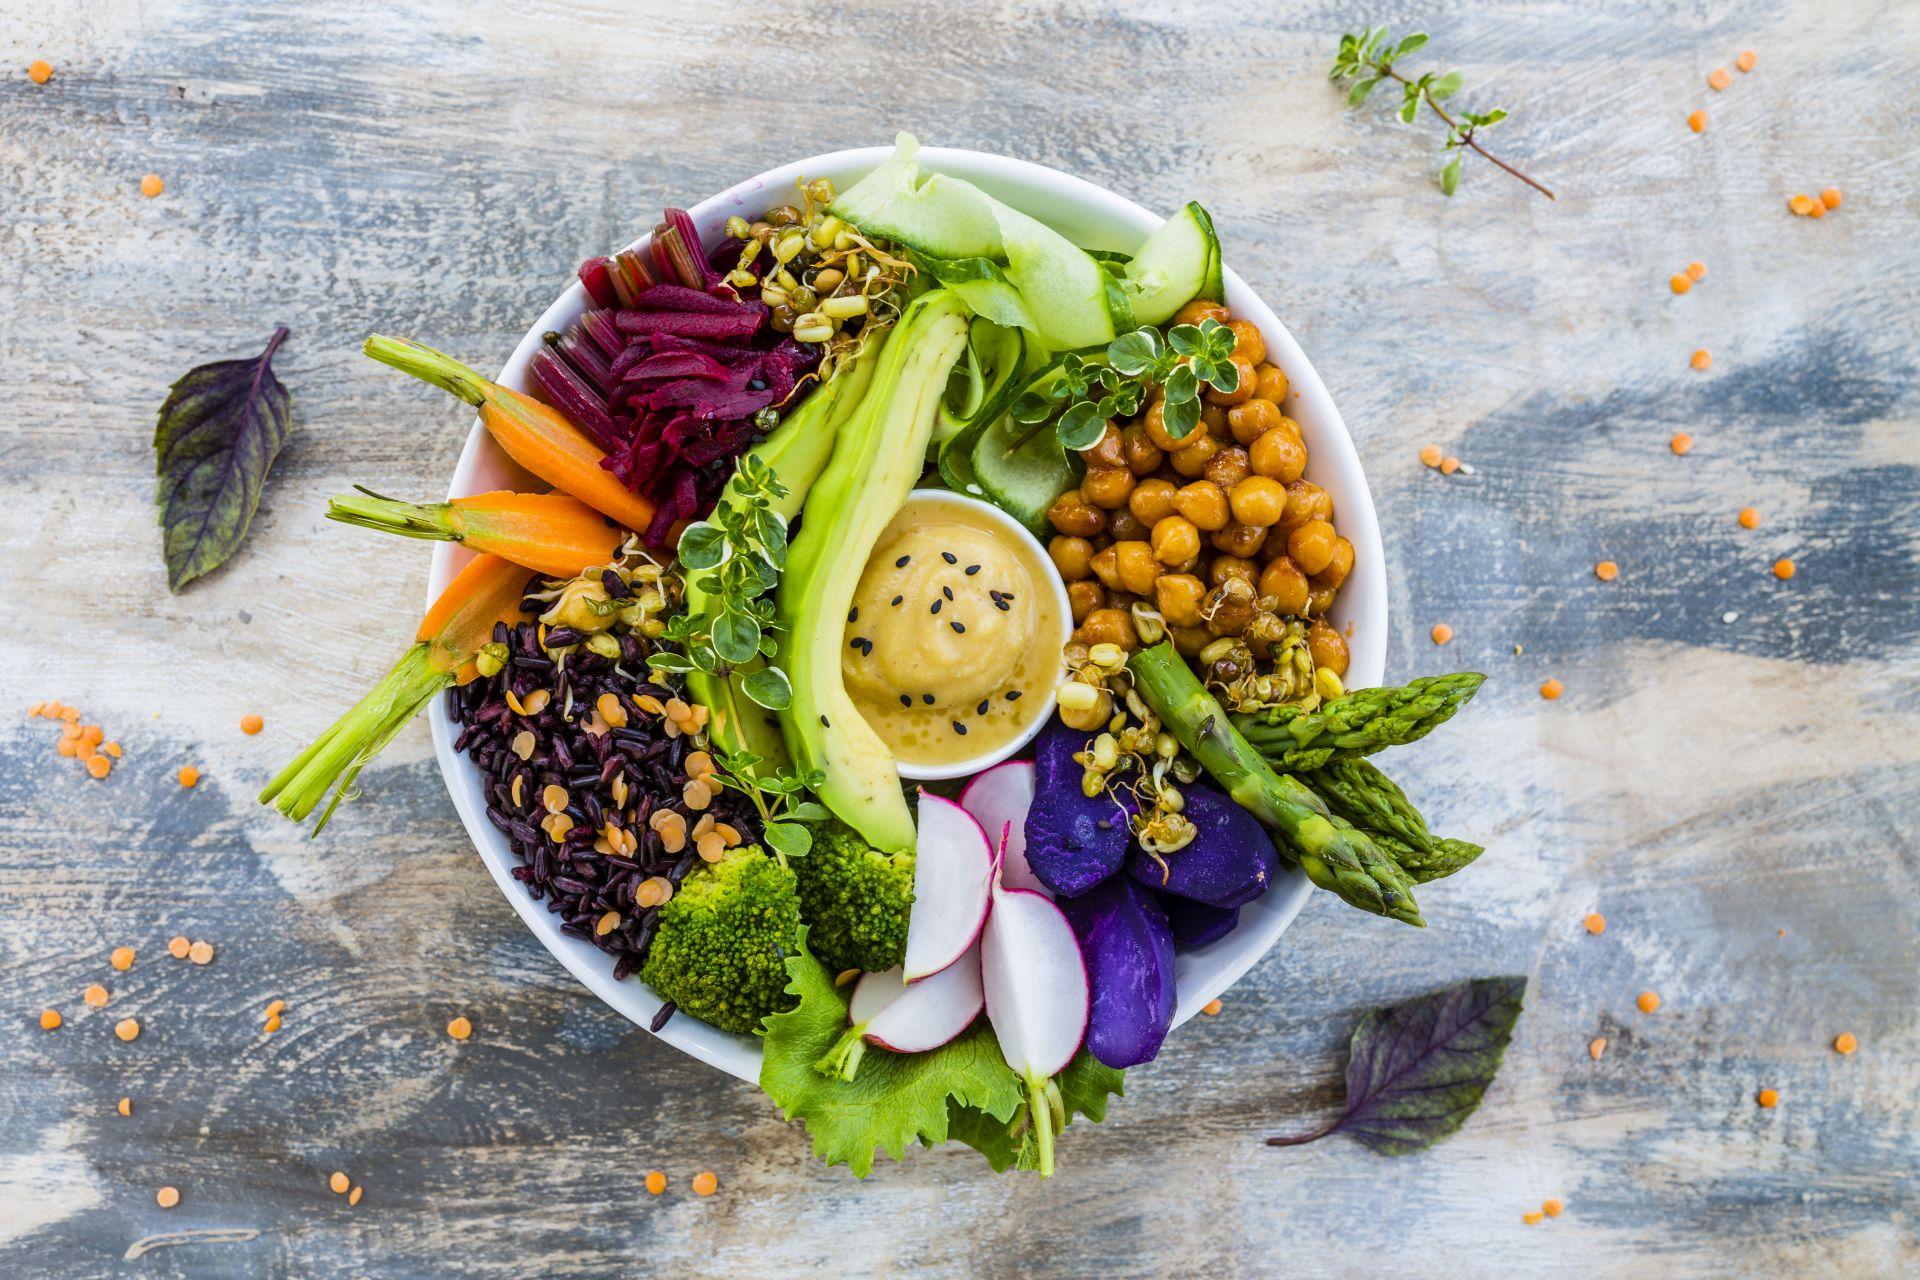 Dieta na otyłość brzuszną powinna opierać się na lekkich daniach i przekąskach, zawierających składniki pozytywnie wpływające na zmniejszenie poziomu cholesterolu (sterole roślinne), regulacji ciśnienia krwi (potas) oraz świeżych warzywach i zdrowych tłuszczach.